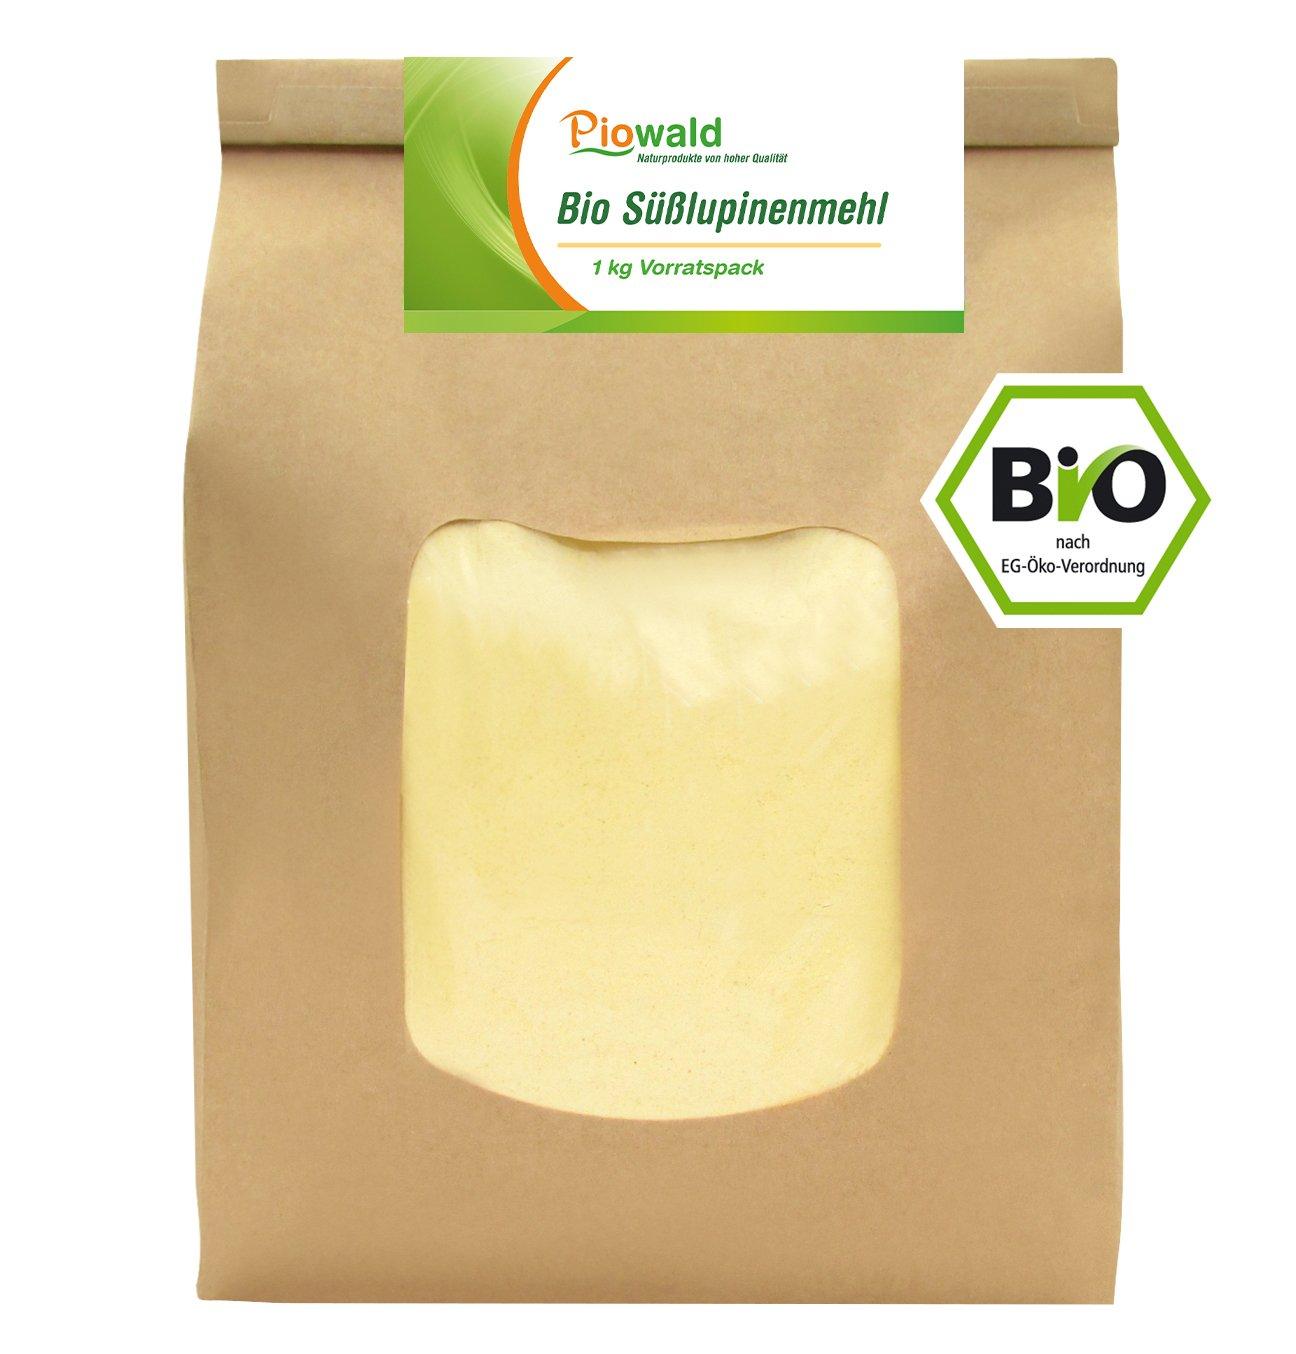 BIO Süsslupinenmehl 1 kg Vorratspack Amazon Lebensmittel